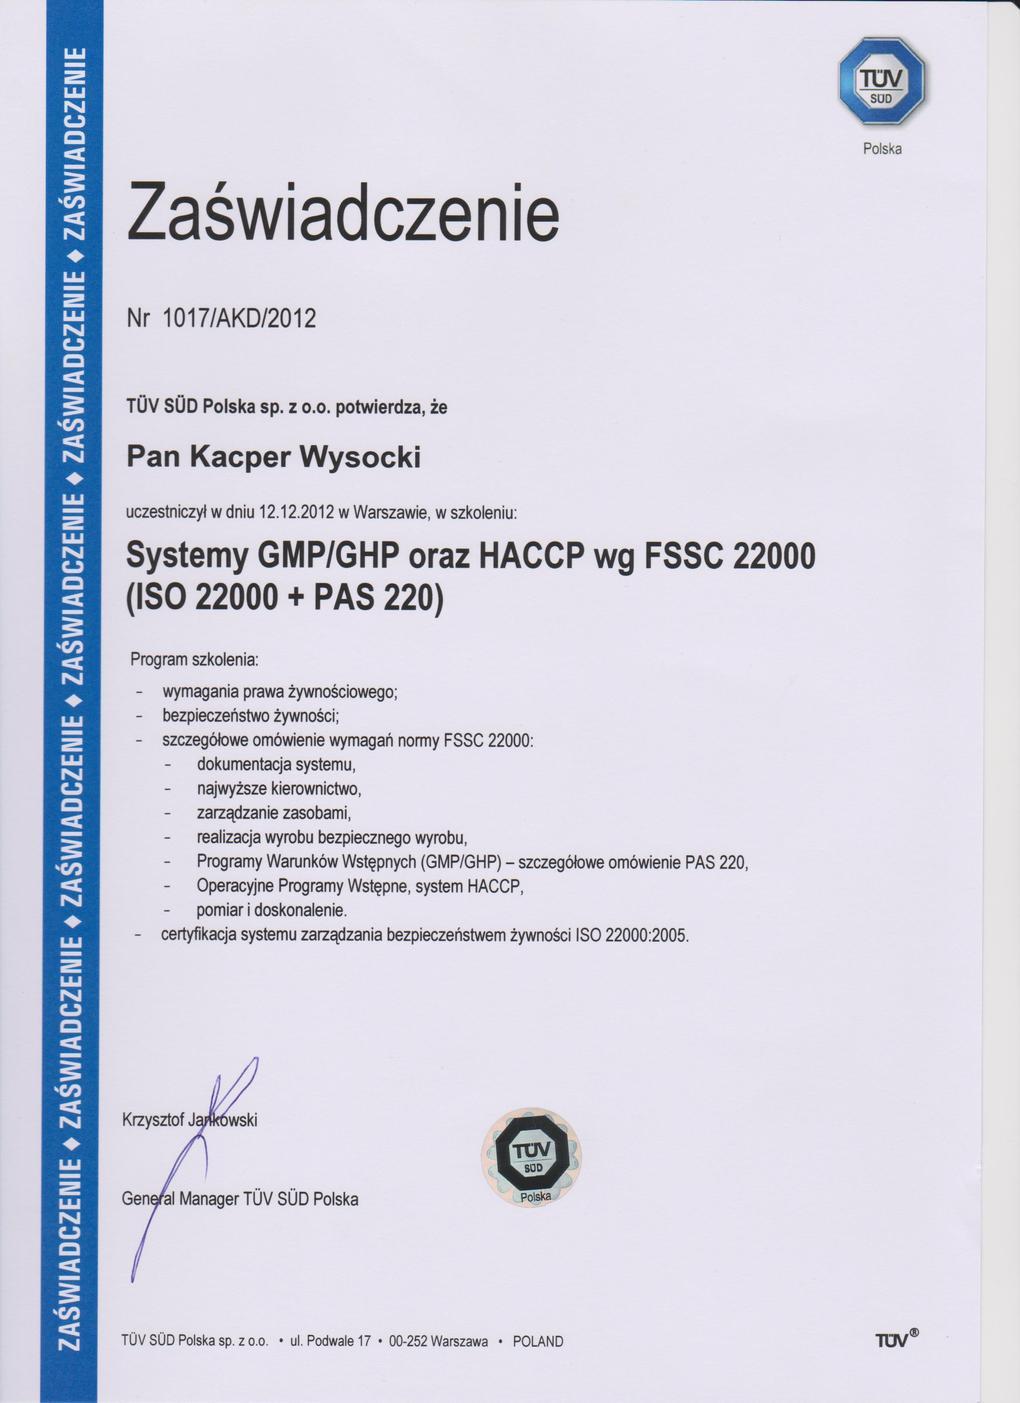 monitoring szkodników dla firm Białystok gmp,ghp,haccp